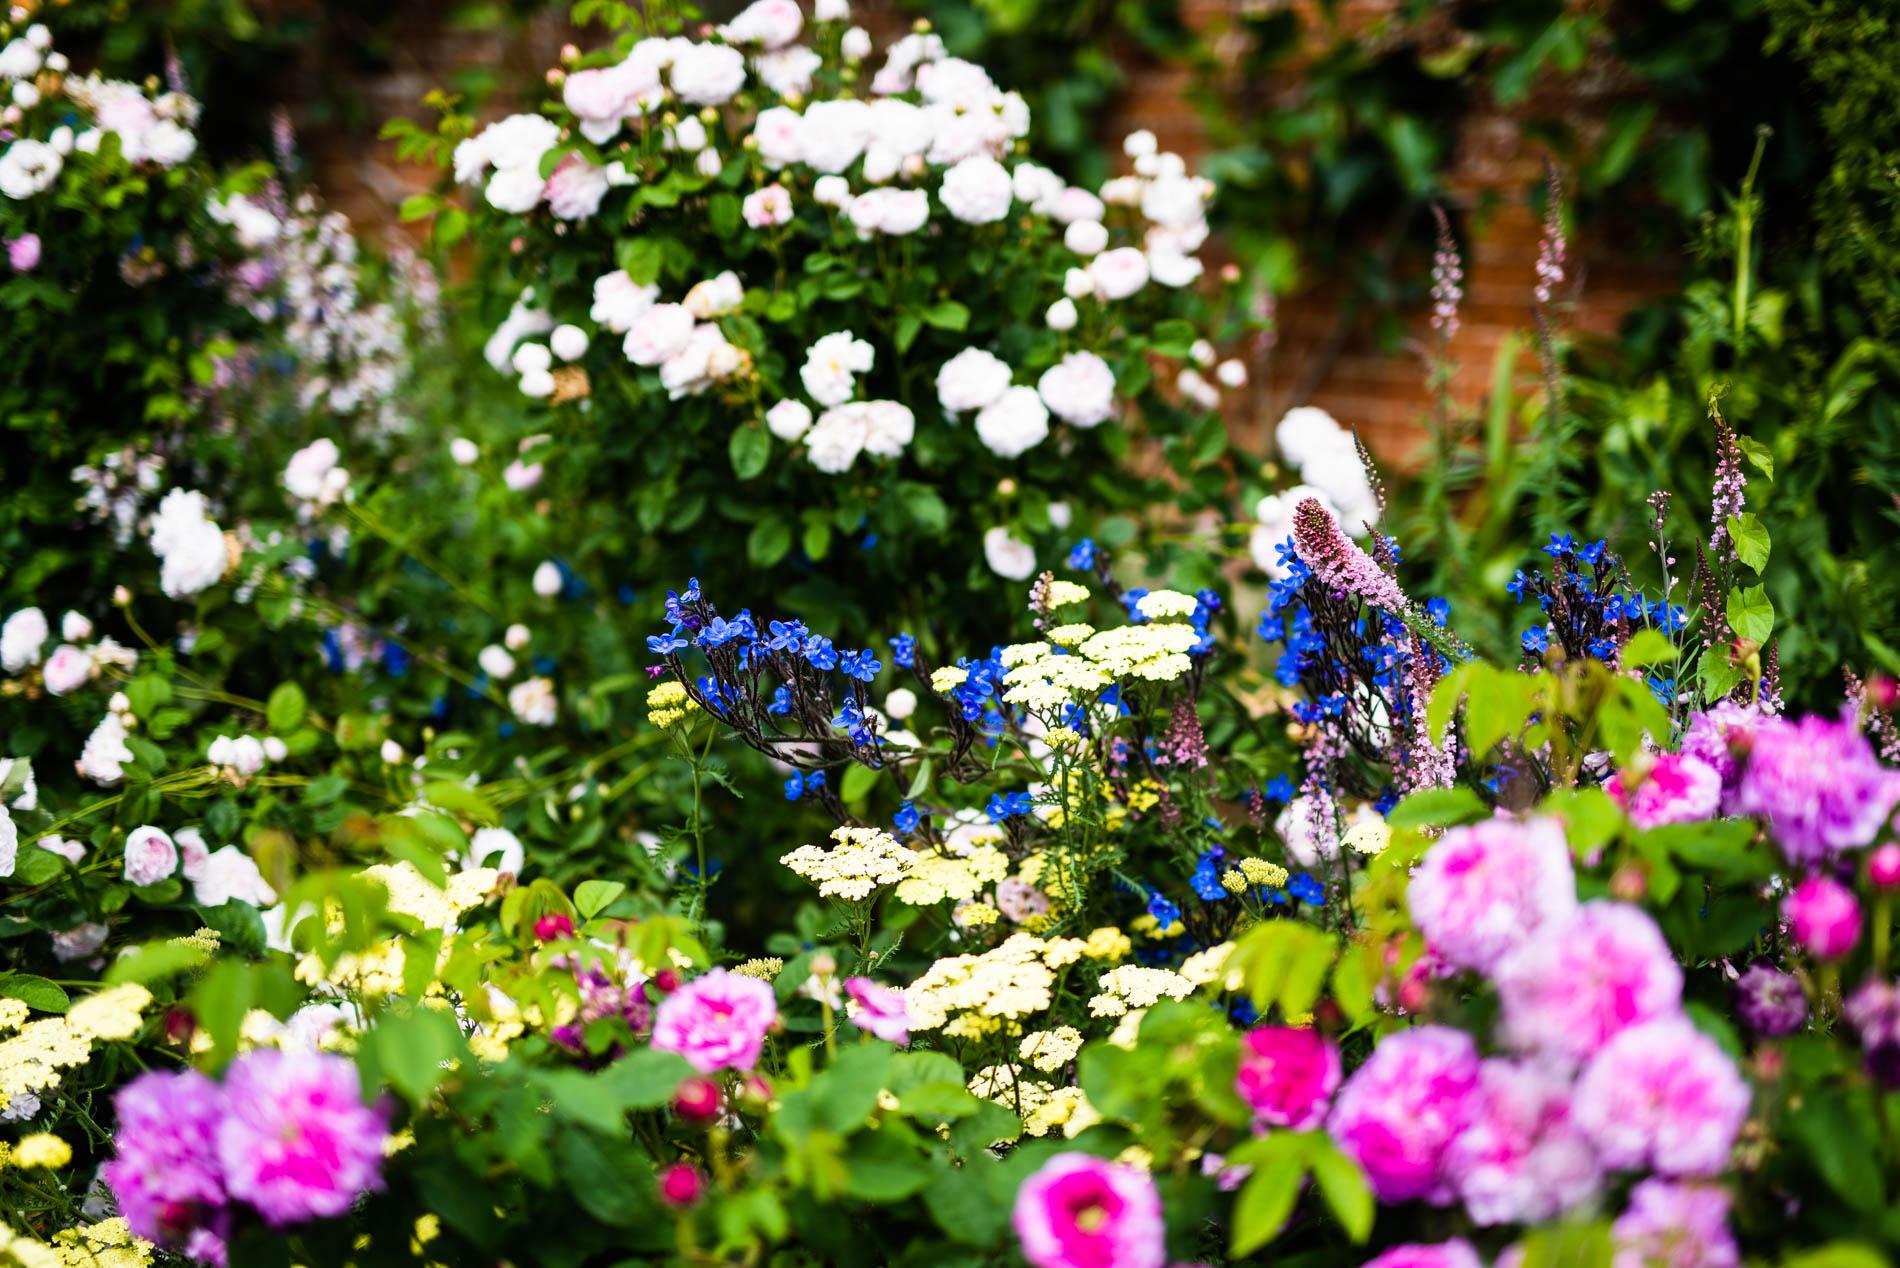 Arda, Botanica, England, Hampshire, Mottisfont, National Trust, Roses, The World